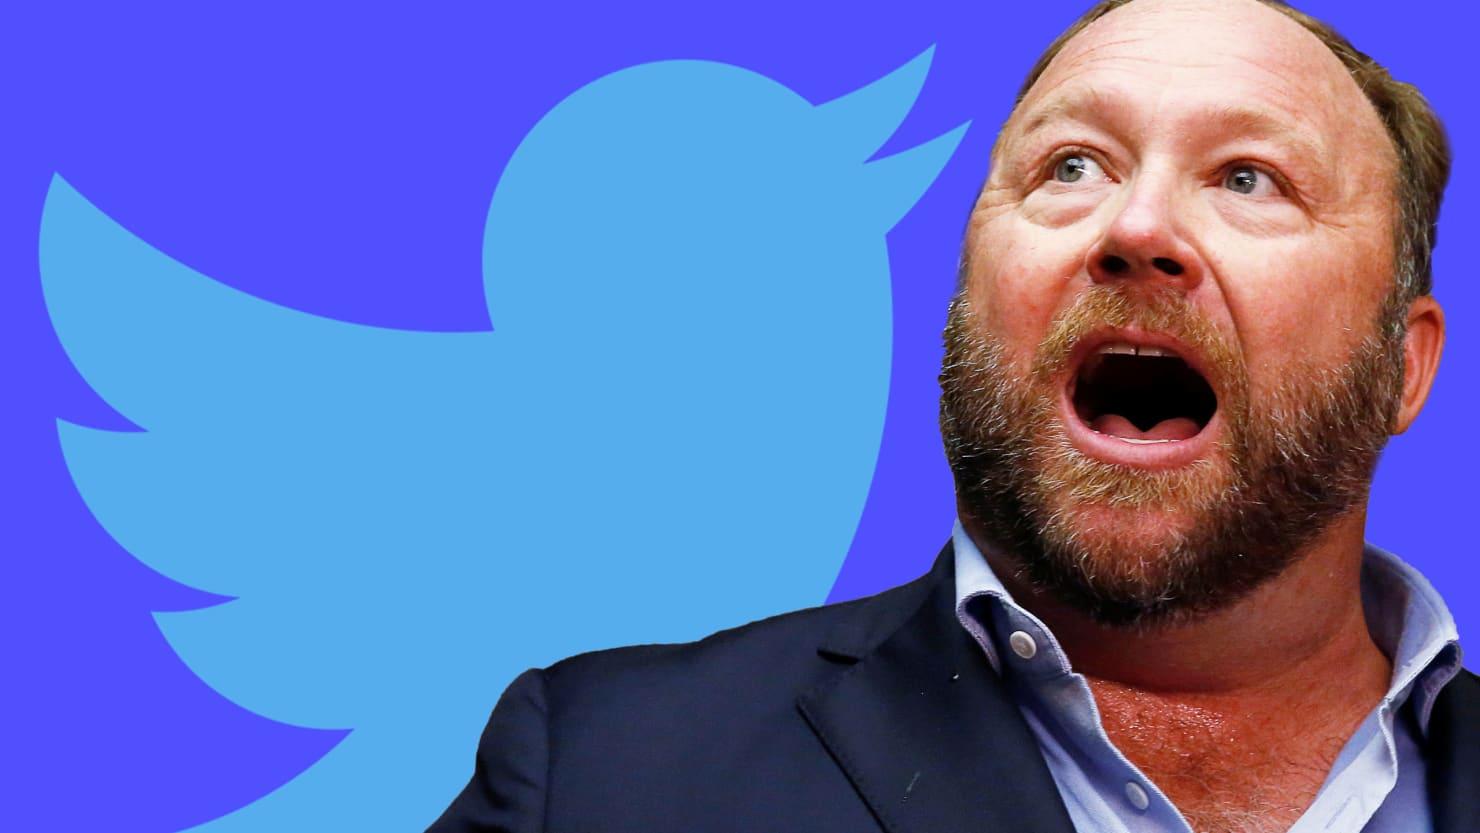 After long delay, Twitter bans Alex Jones @realalexjones and @infowars.